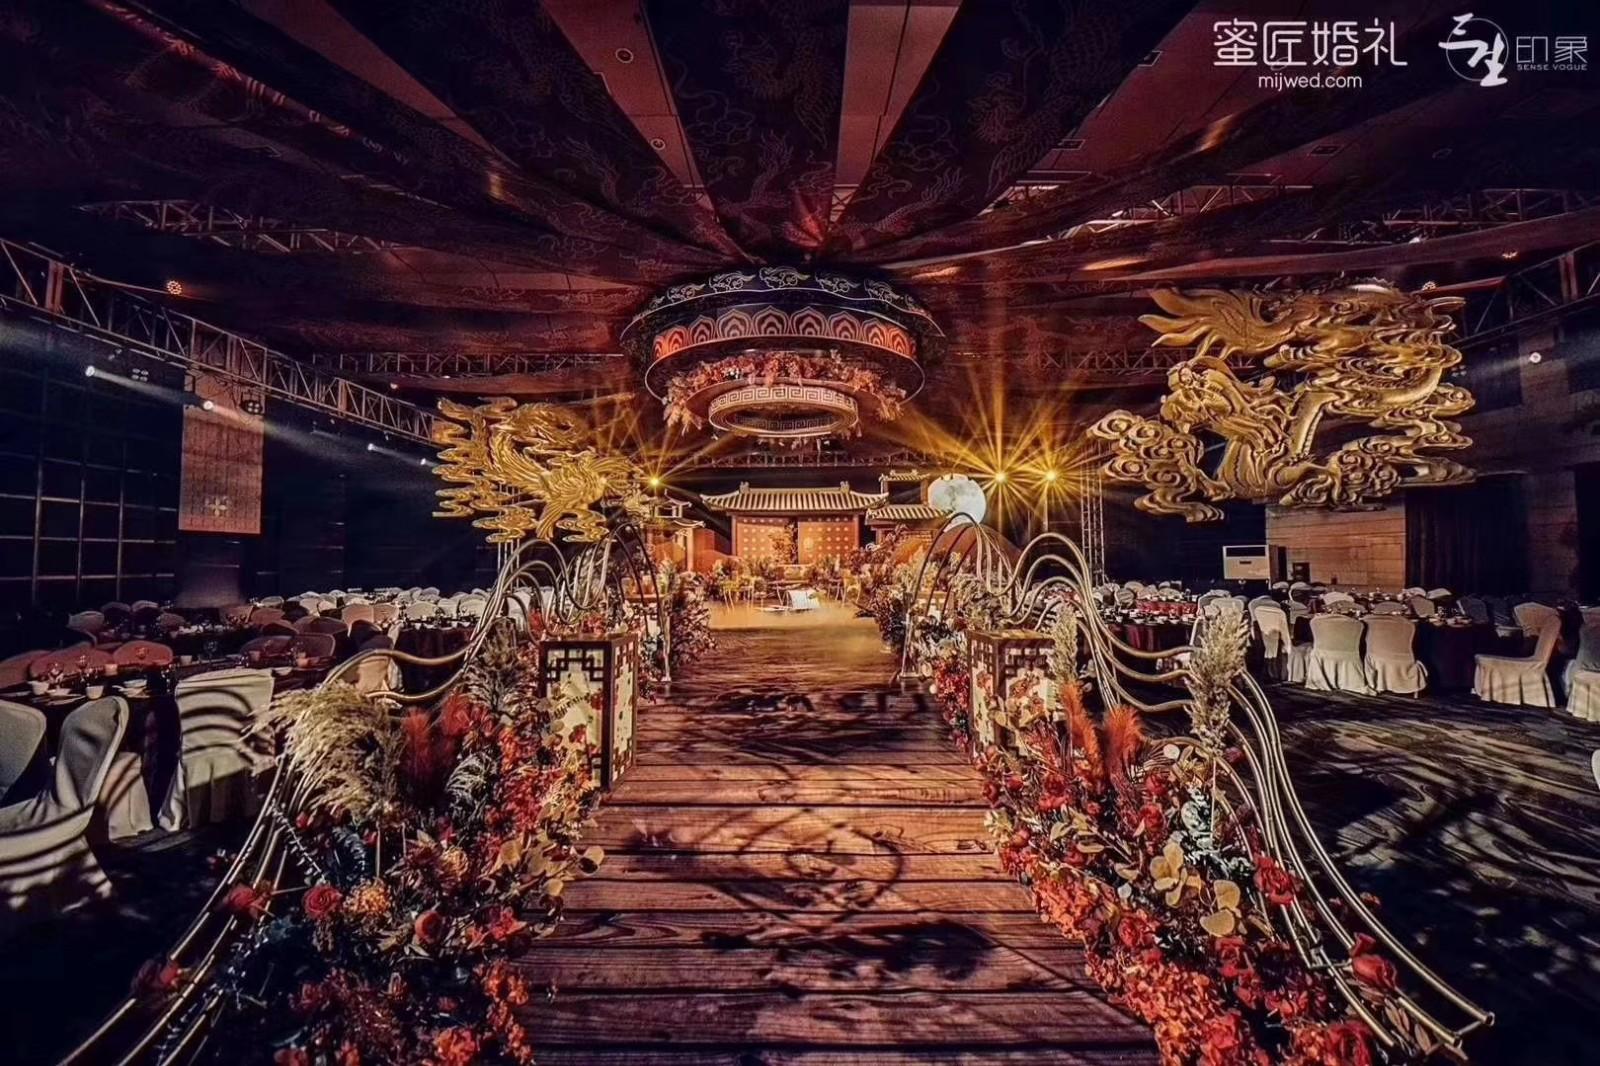 结婚院子用红纱怎么布置 结婚院子拉花布置图片